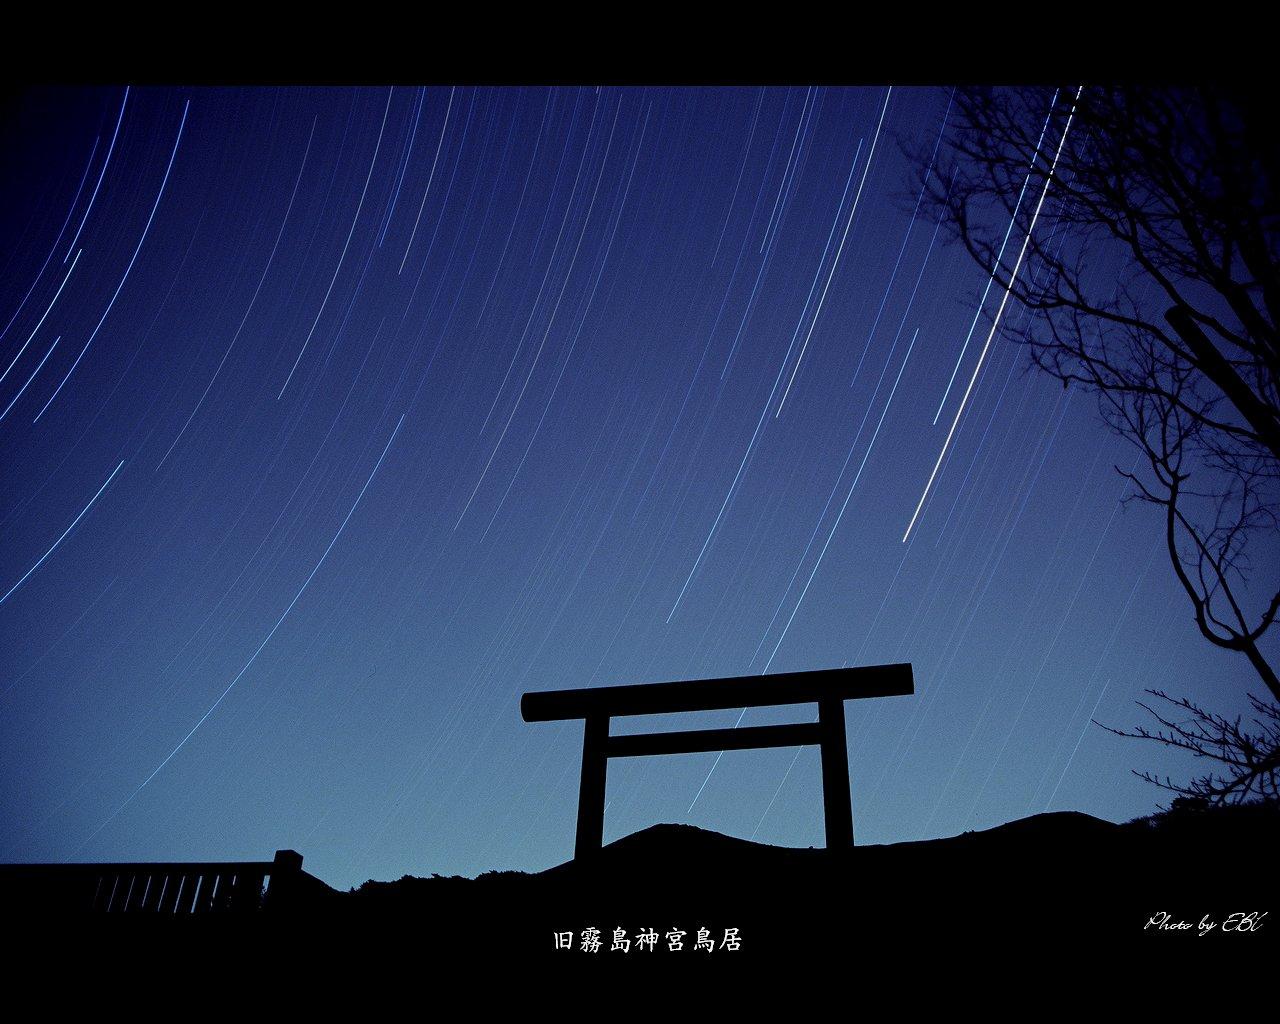 霧島神宮跡地 古宮 の鳥居と星の光跡 タングステンフィルムで撮影 高画質 1280 1024 デスクトップ無料壁紙